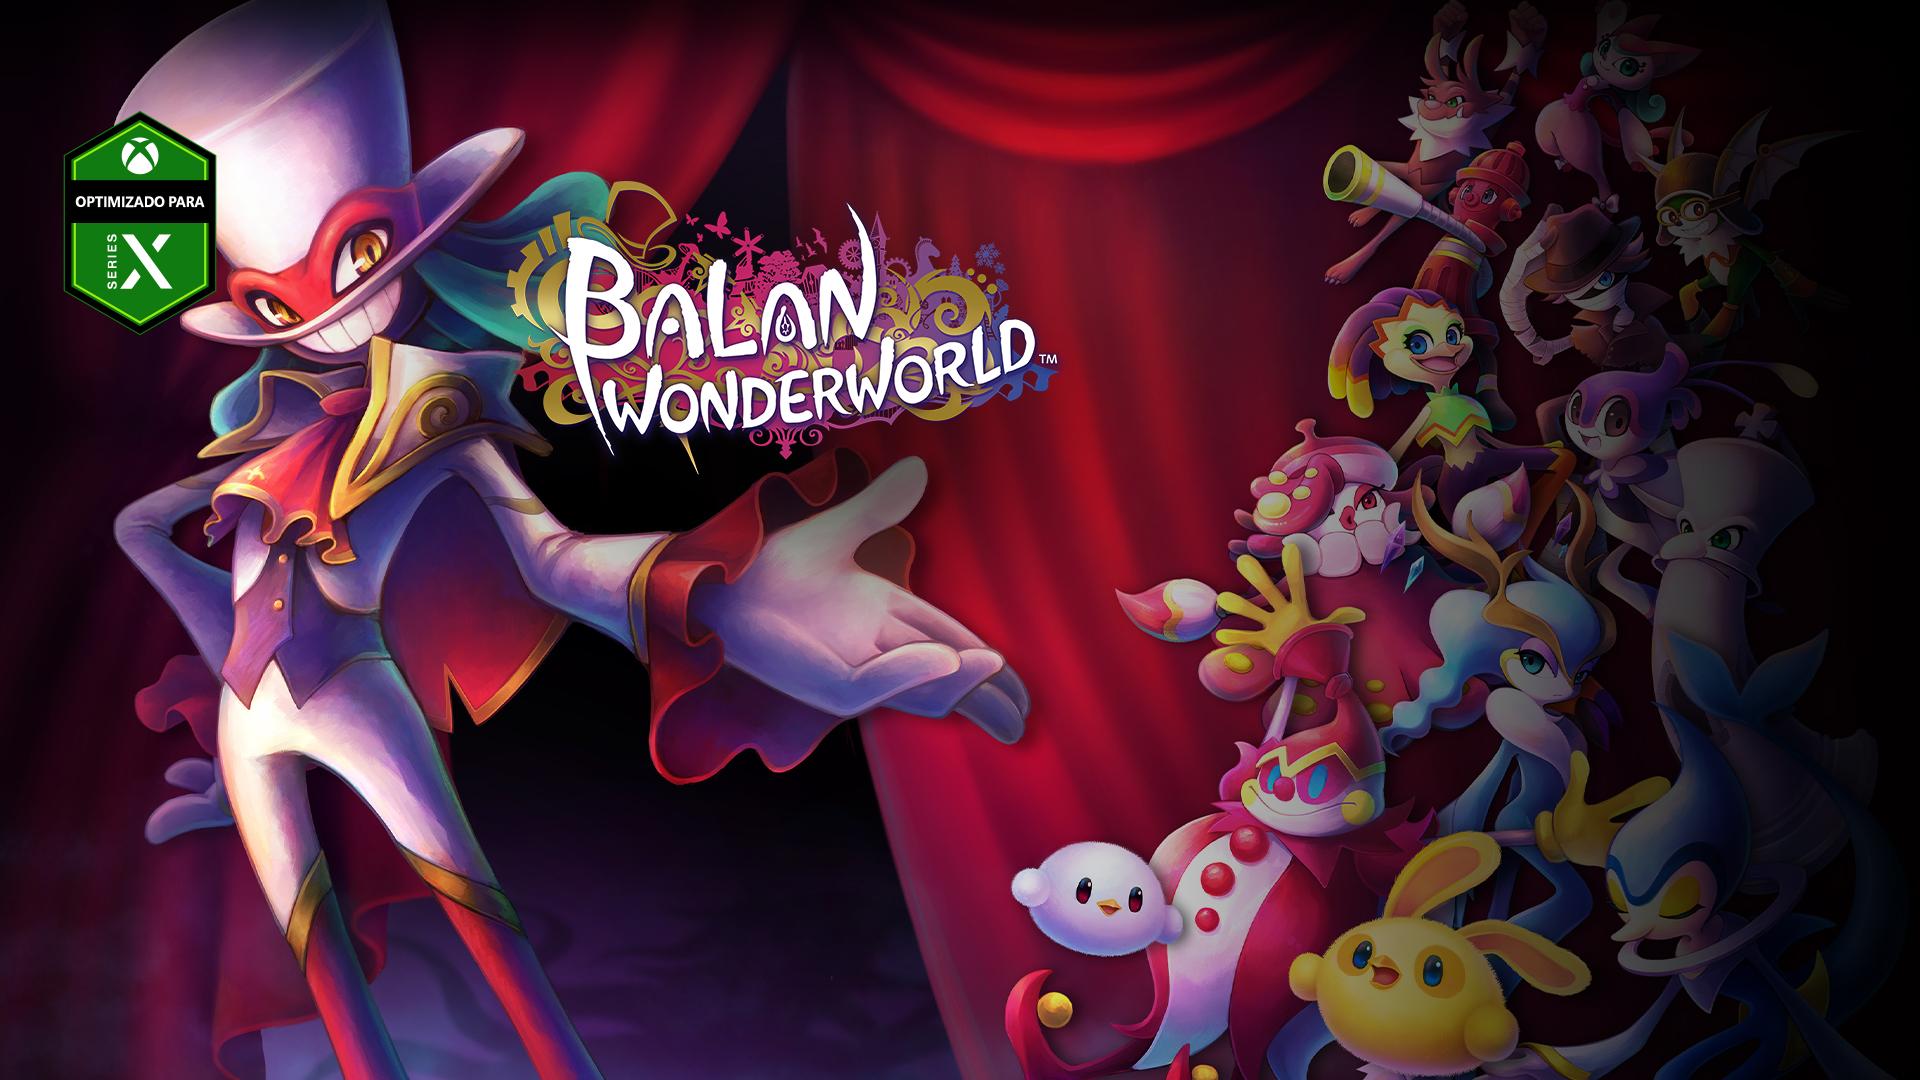 Optimizado para Series X, Balan Wonderworld: un demonio bien vestido hace un gesto a un grupo de pintorescas criaturas.